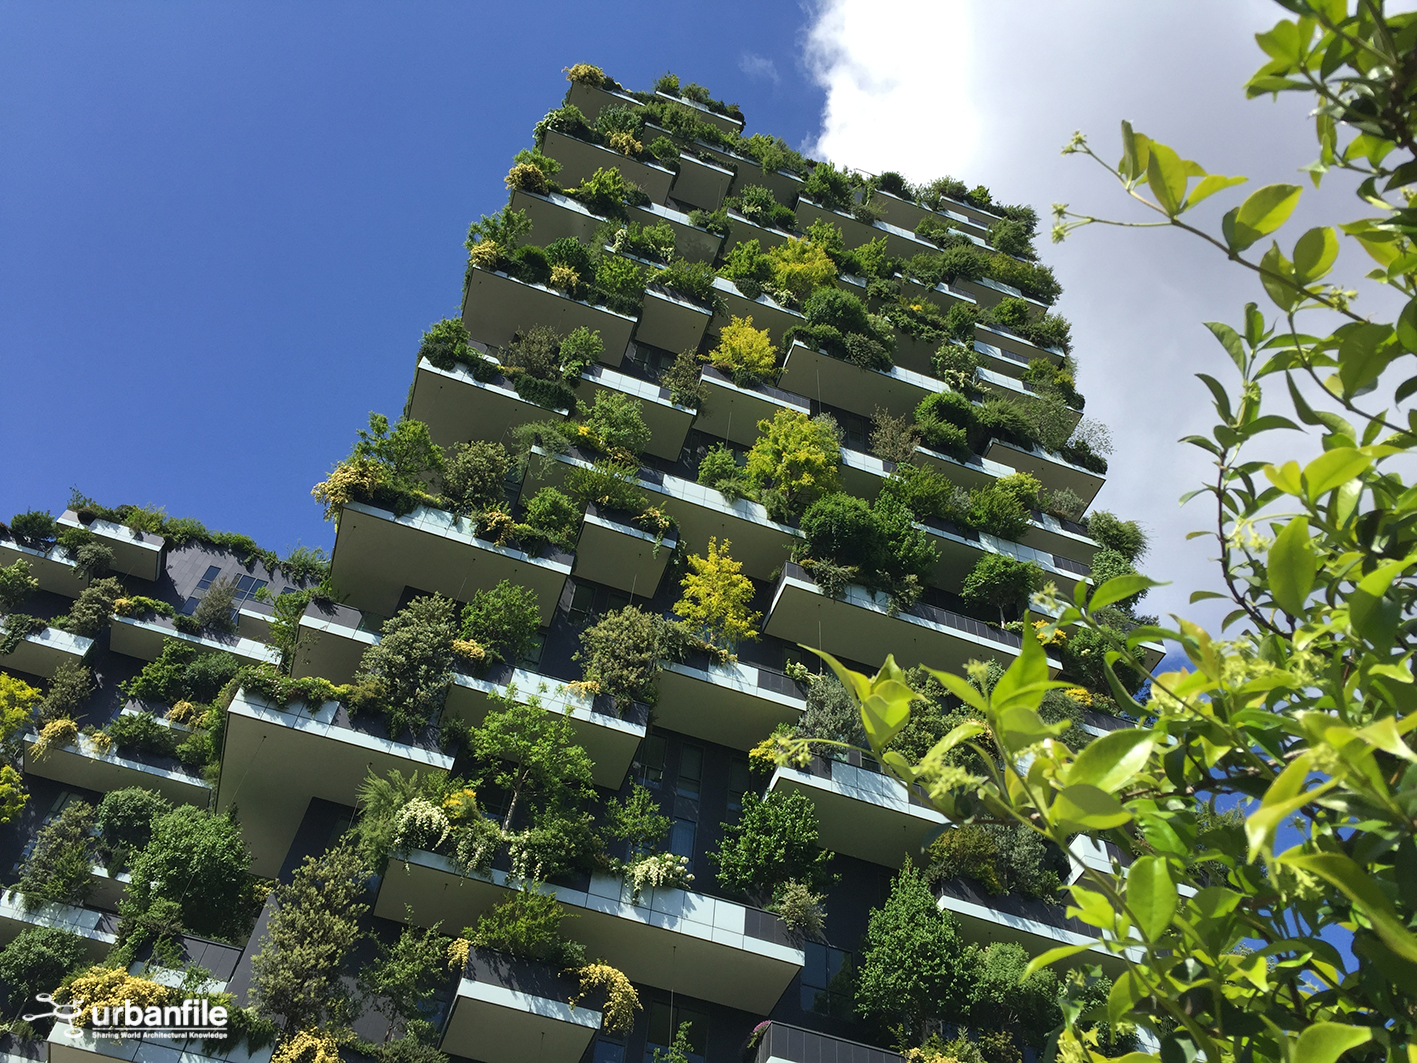 Foto Bosco Verticale Milano milano   isola - il verdeggiante bosco verticale - urbanfile